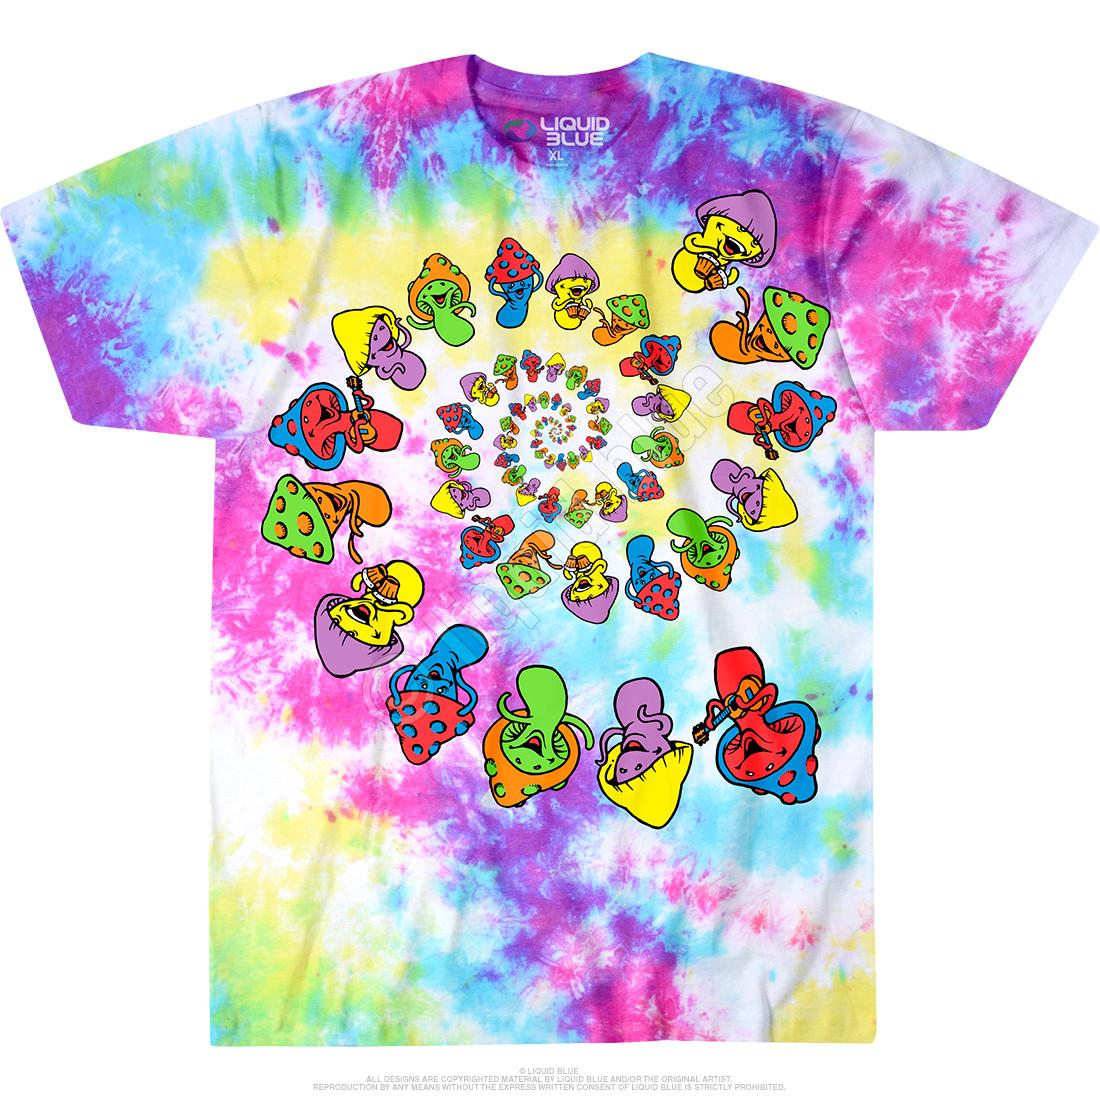 305dcdb6a3675 Spiral Shrooms Tie-Dye T-Shirt